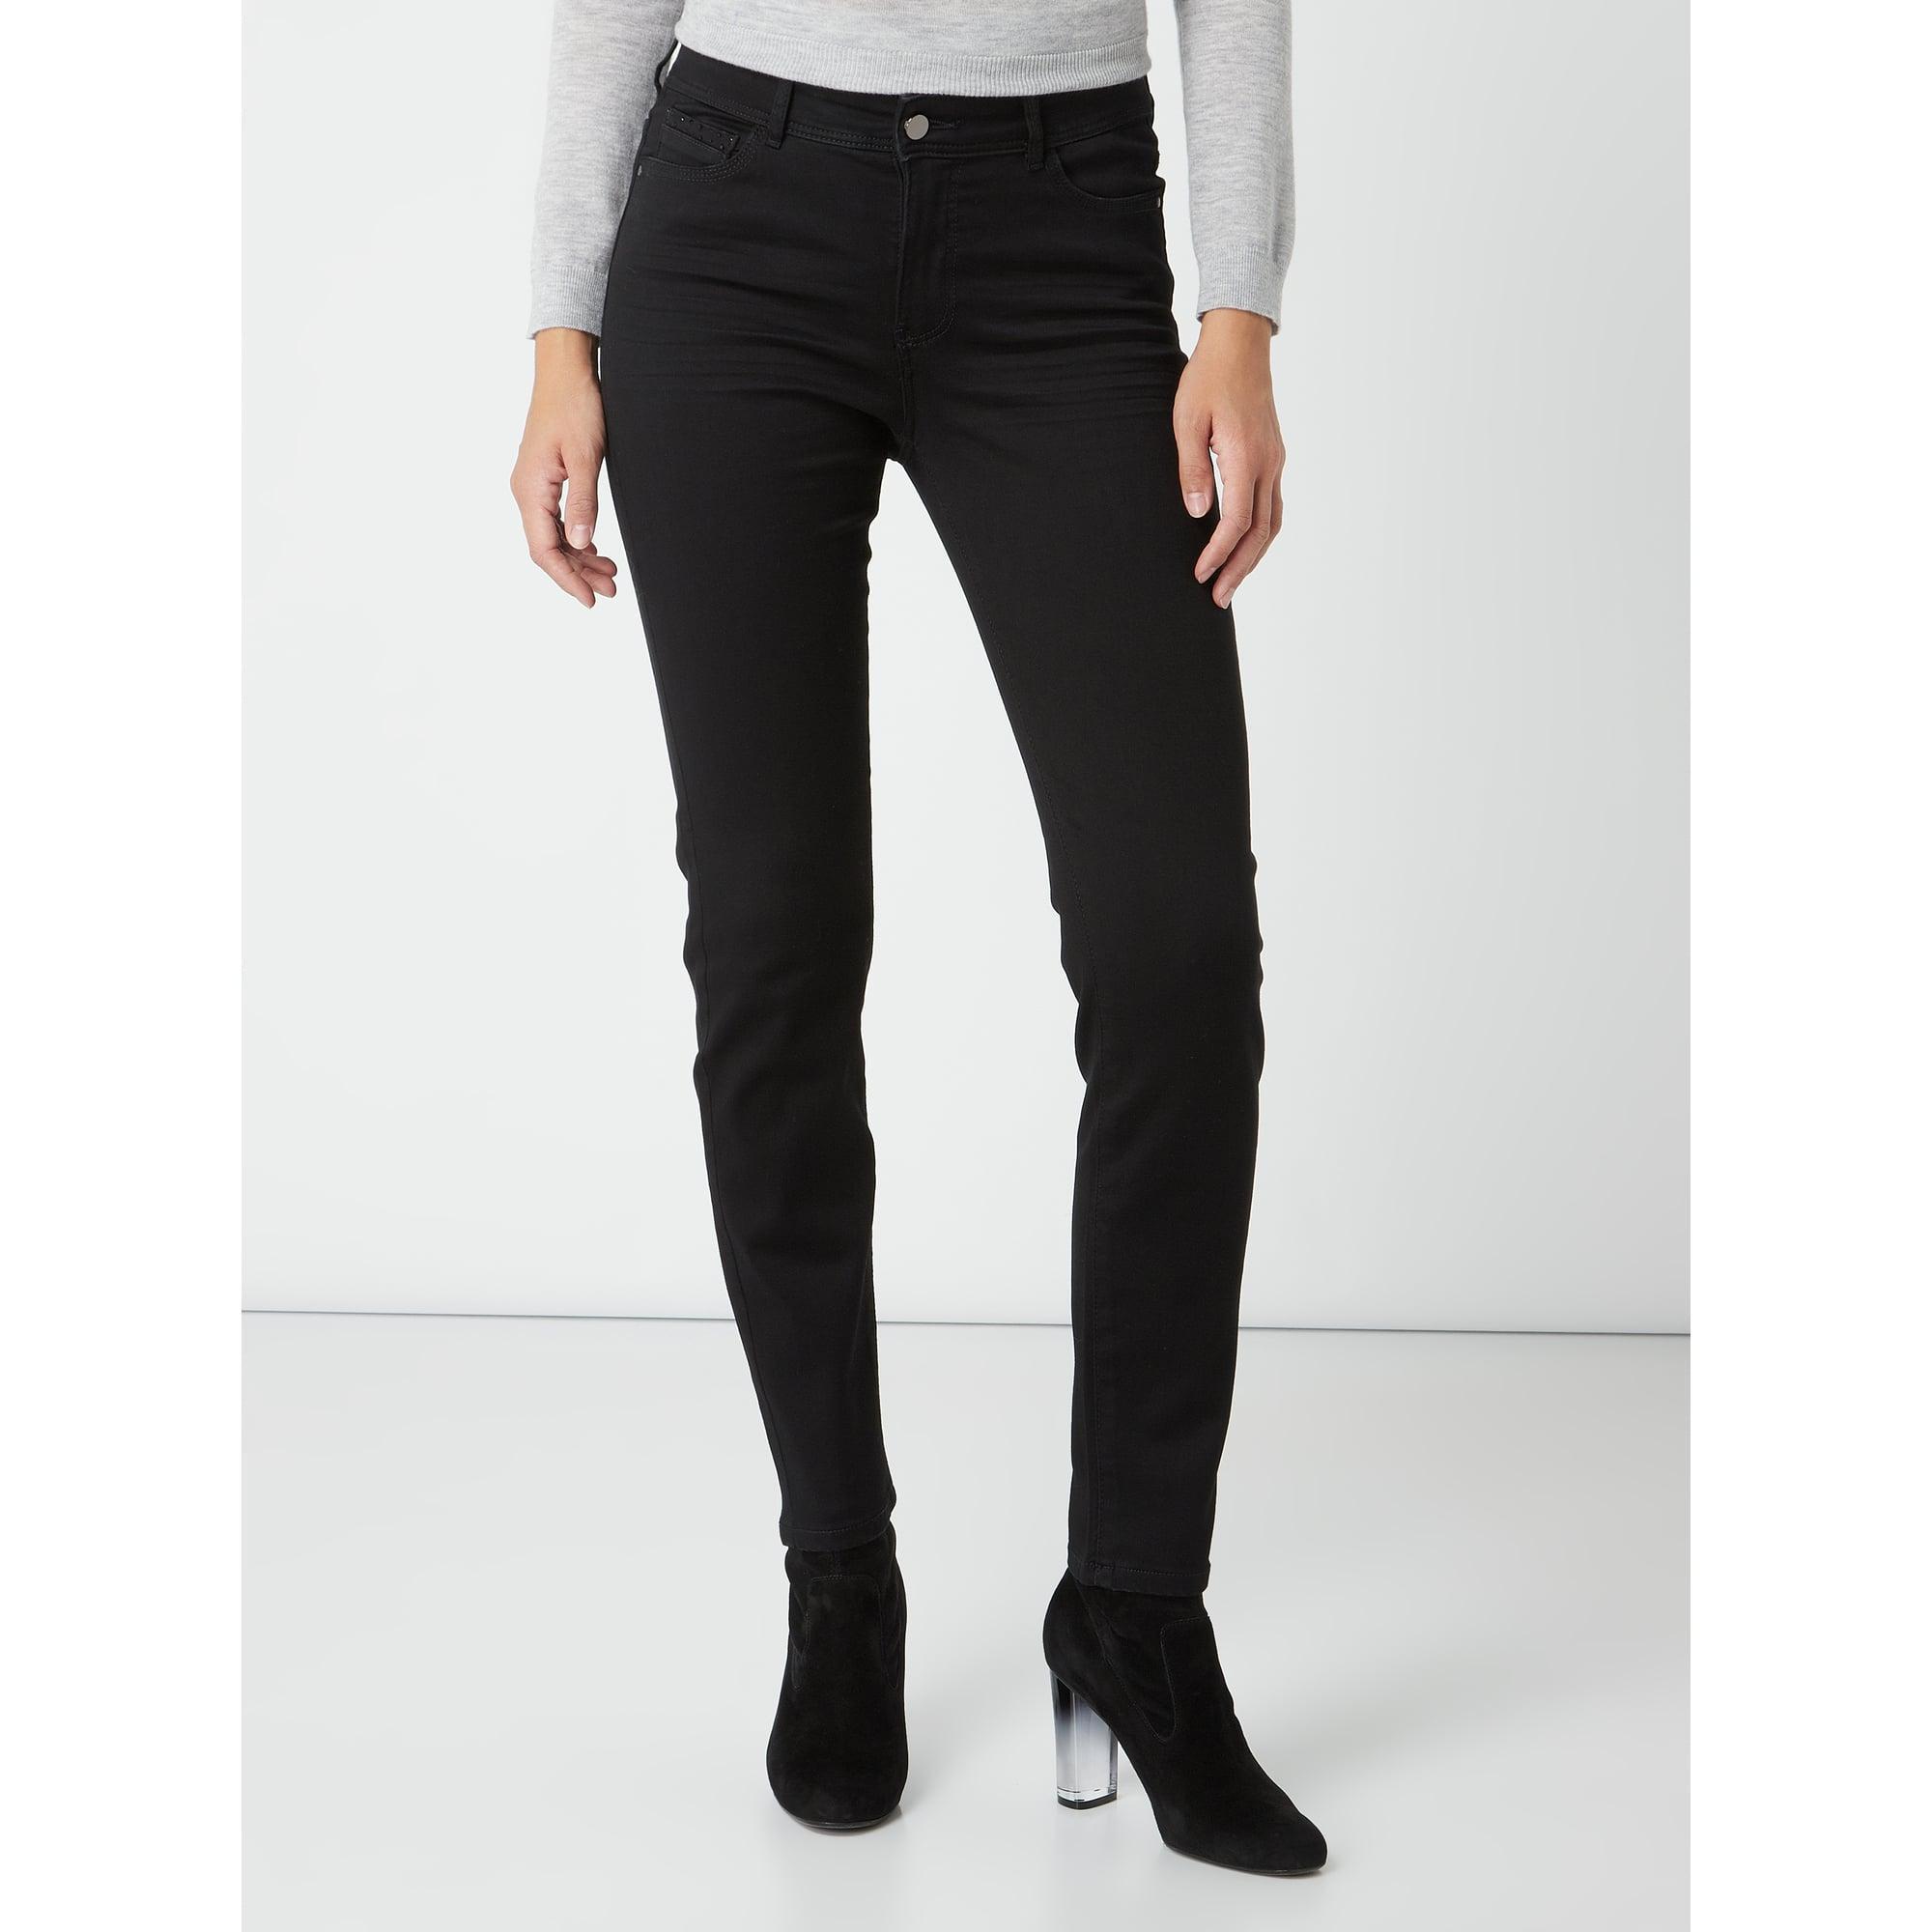 Christian Berg Women Denim Coloured Skinny Fit 5-Pocket-Jeans in Schwarz jTm7k